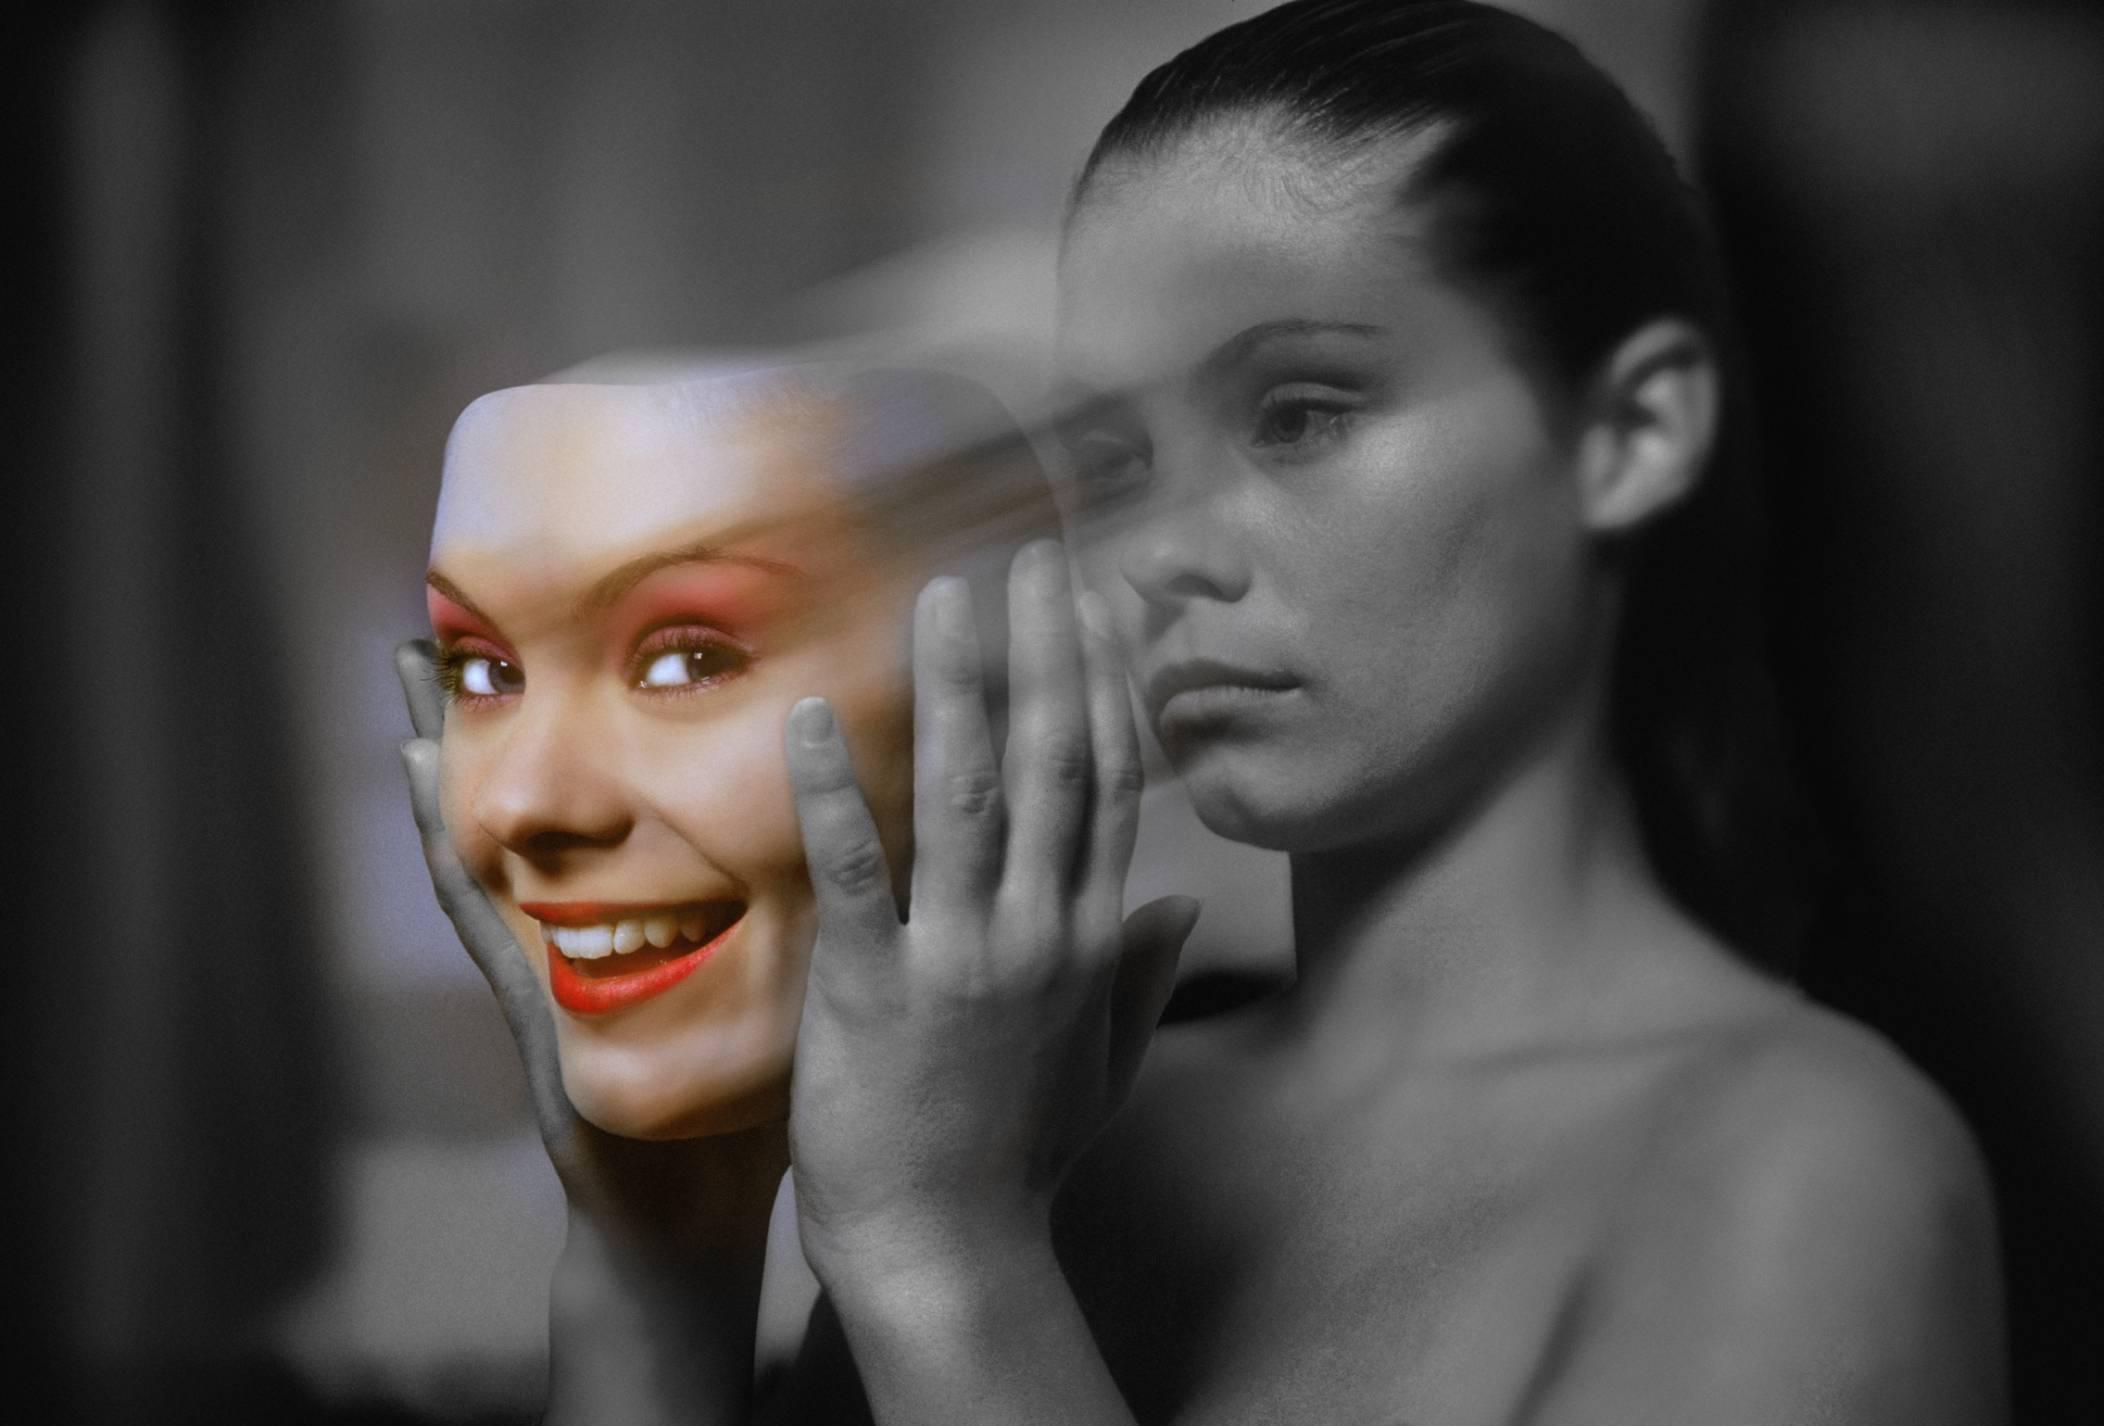 Гипоаллергенная косметика: преимущества, кому нужна и как выбрать. разнообразие современной гипоаллергенной косметики